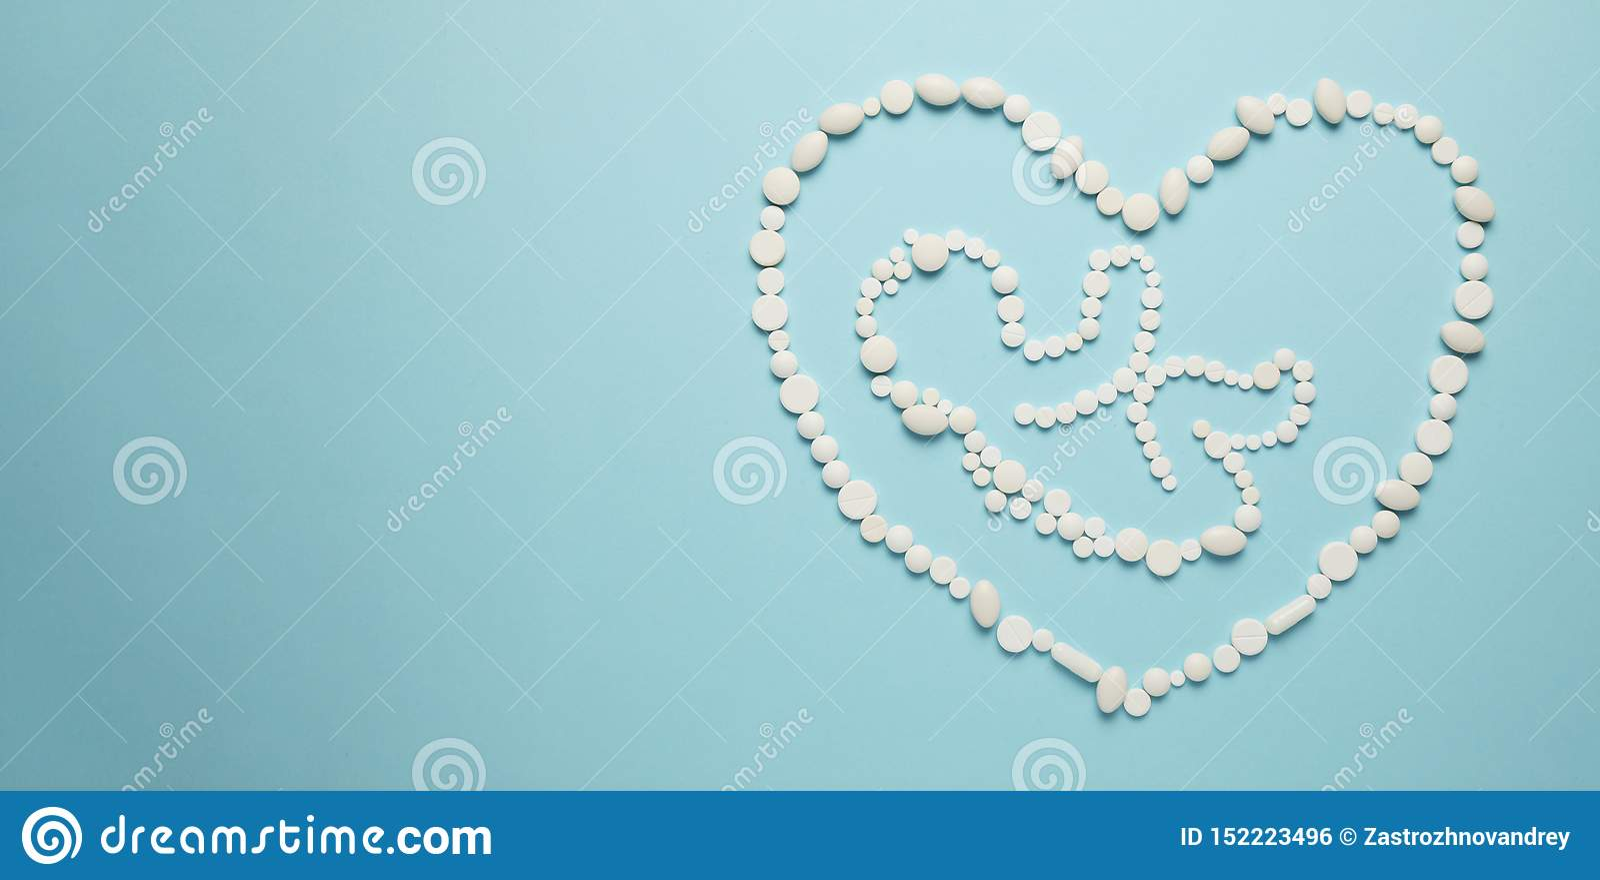 Силуэт ребенка зародыша людей в сердце белых планшетов на голубой предпосылке Обработка новорожденных, медицинское обслуживание